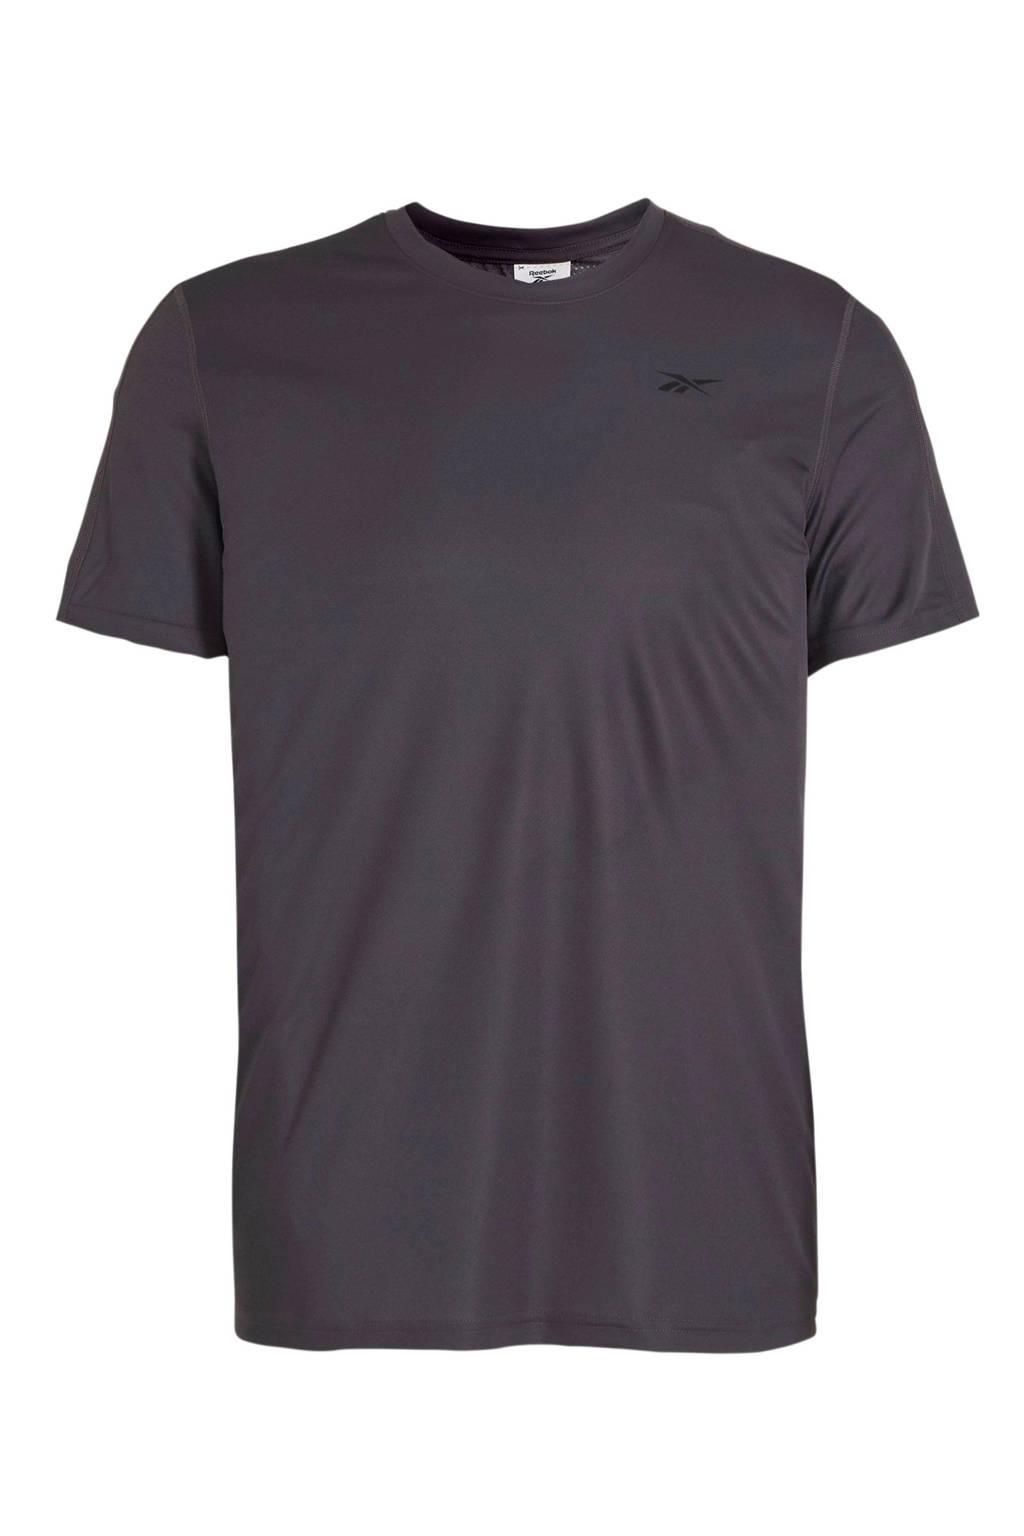 Reebok   sport T-shirt grijs, Grijs